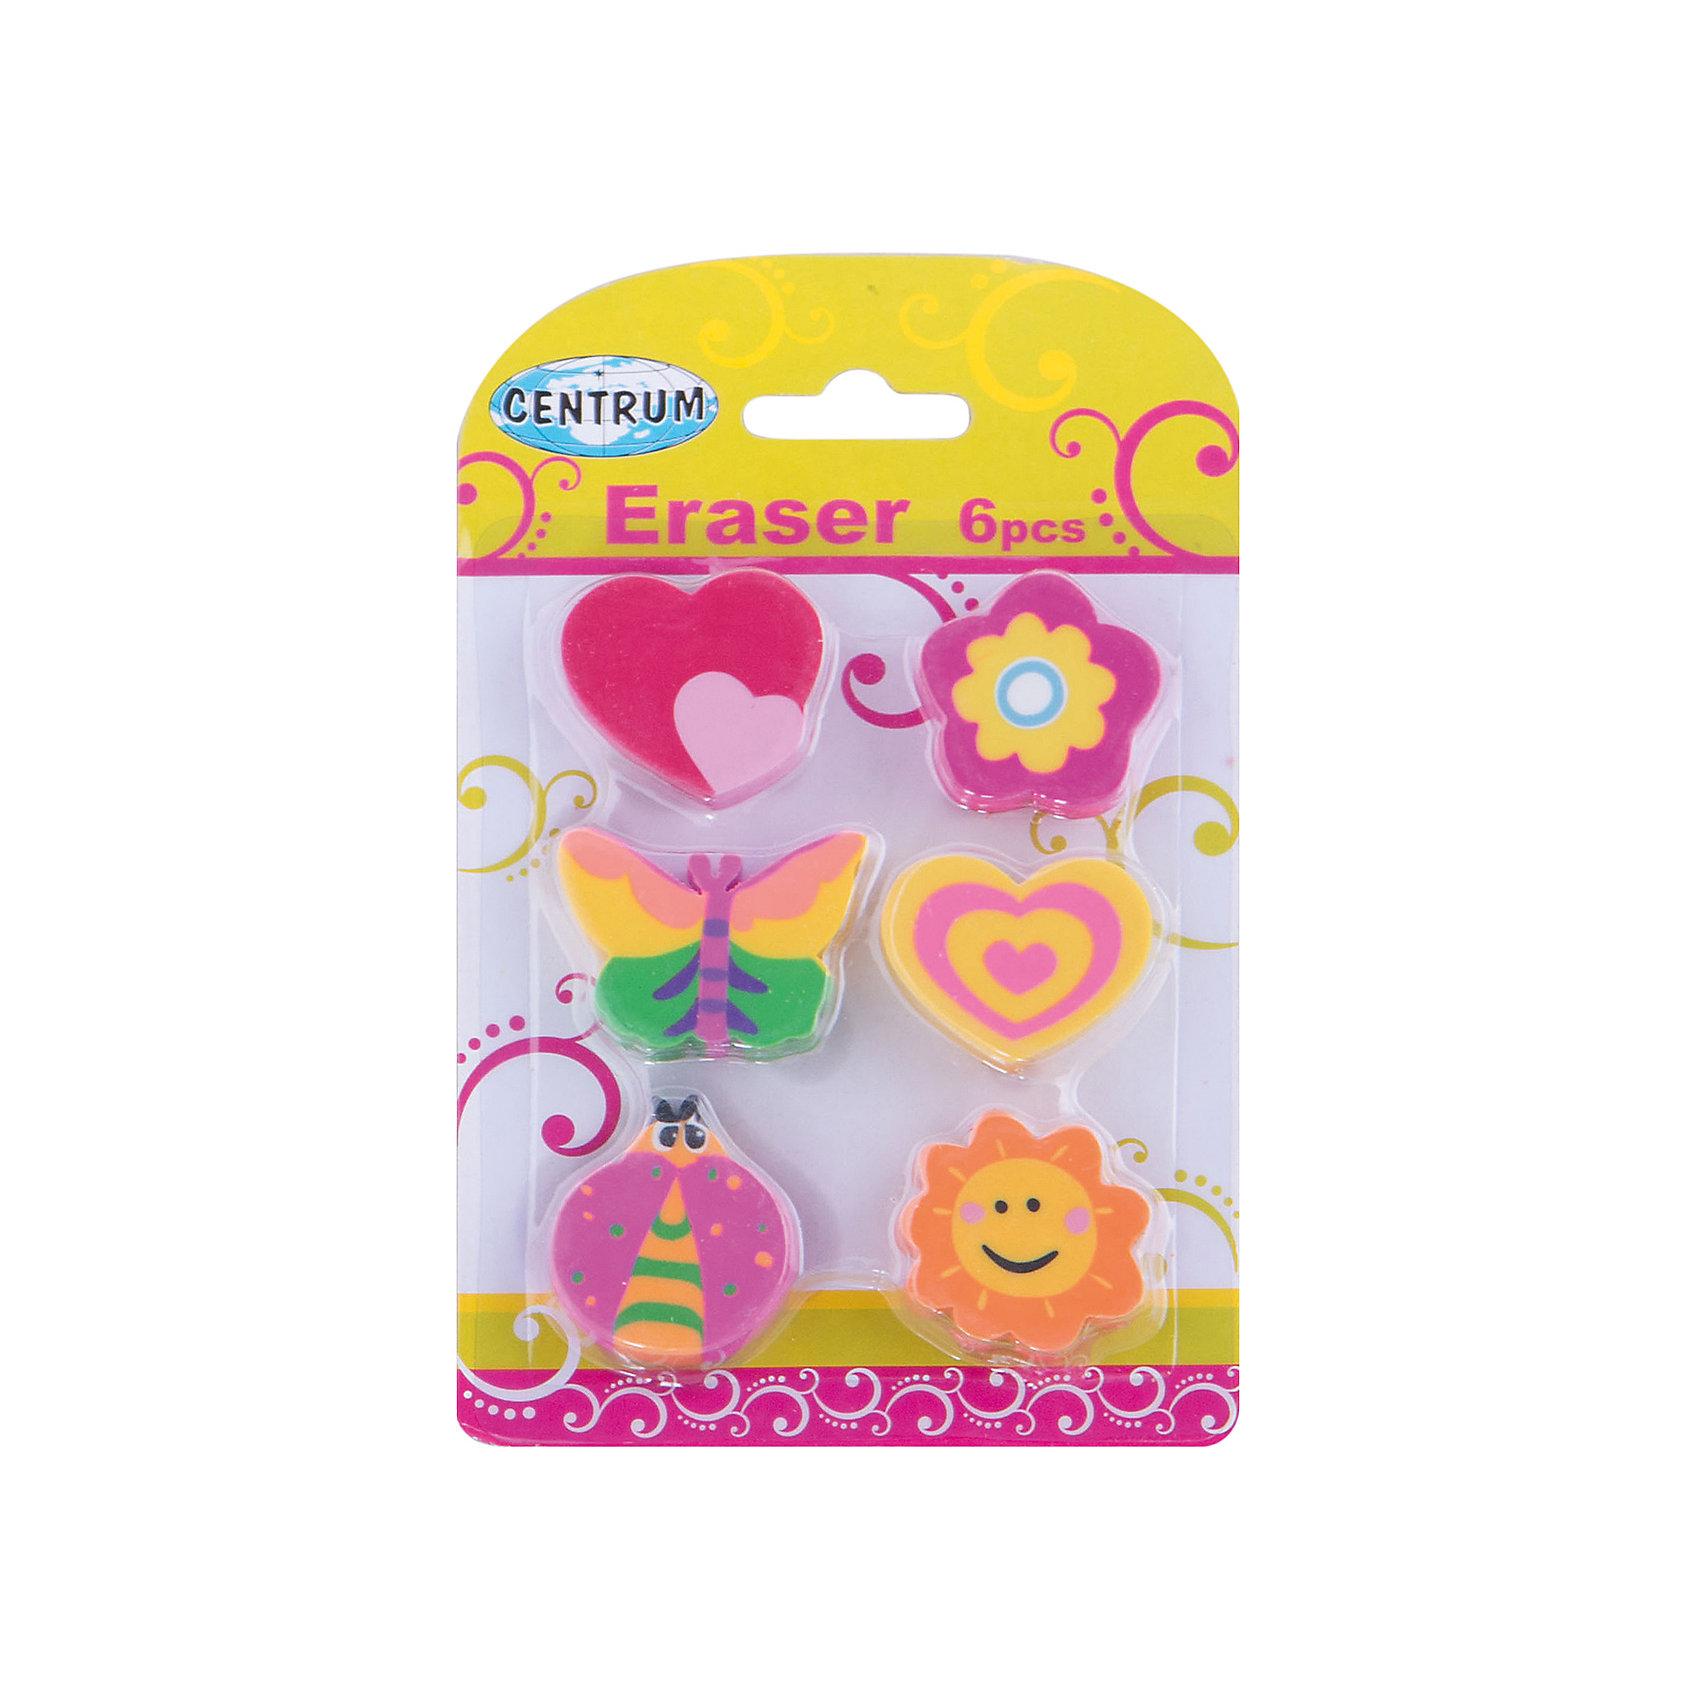 CENTRUM Ластики Цветы и Сердца, 6 штук (каучук) centrum магниты смайлы 6 штук